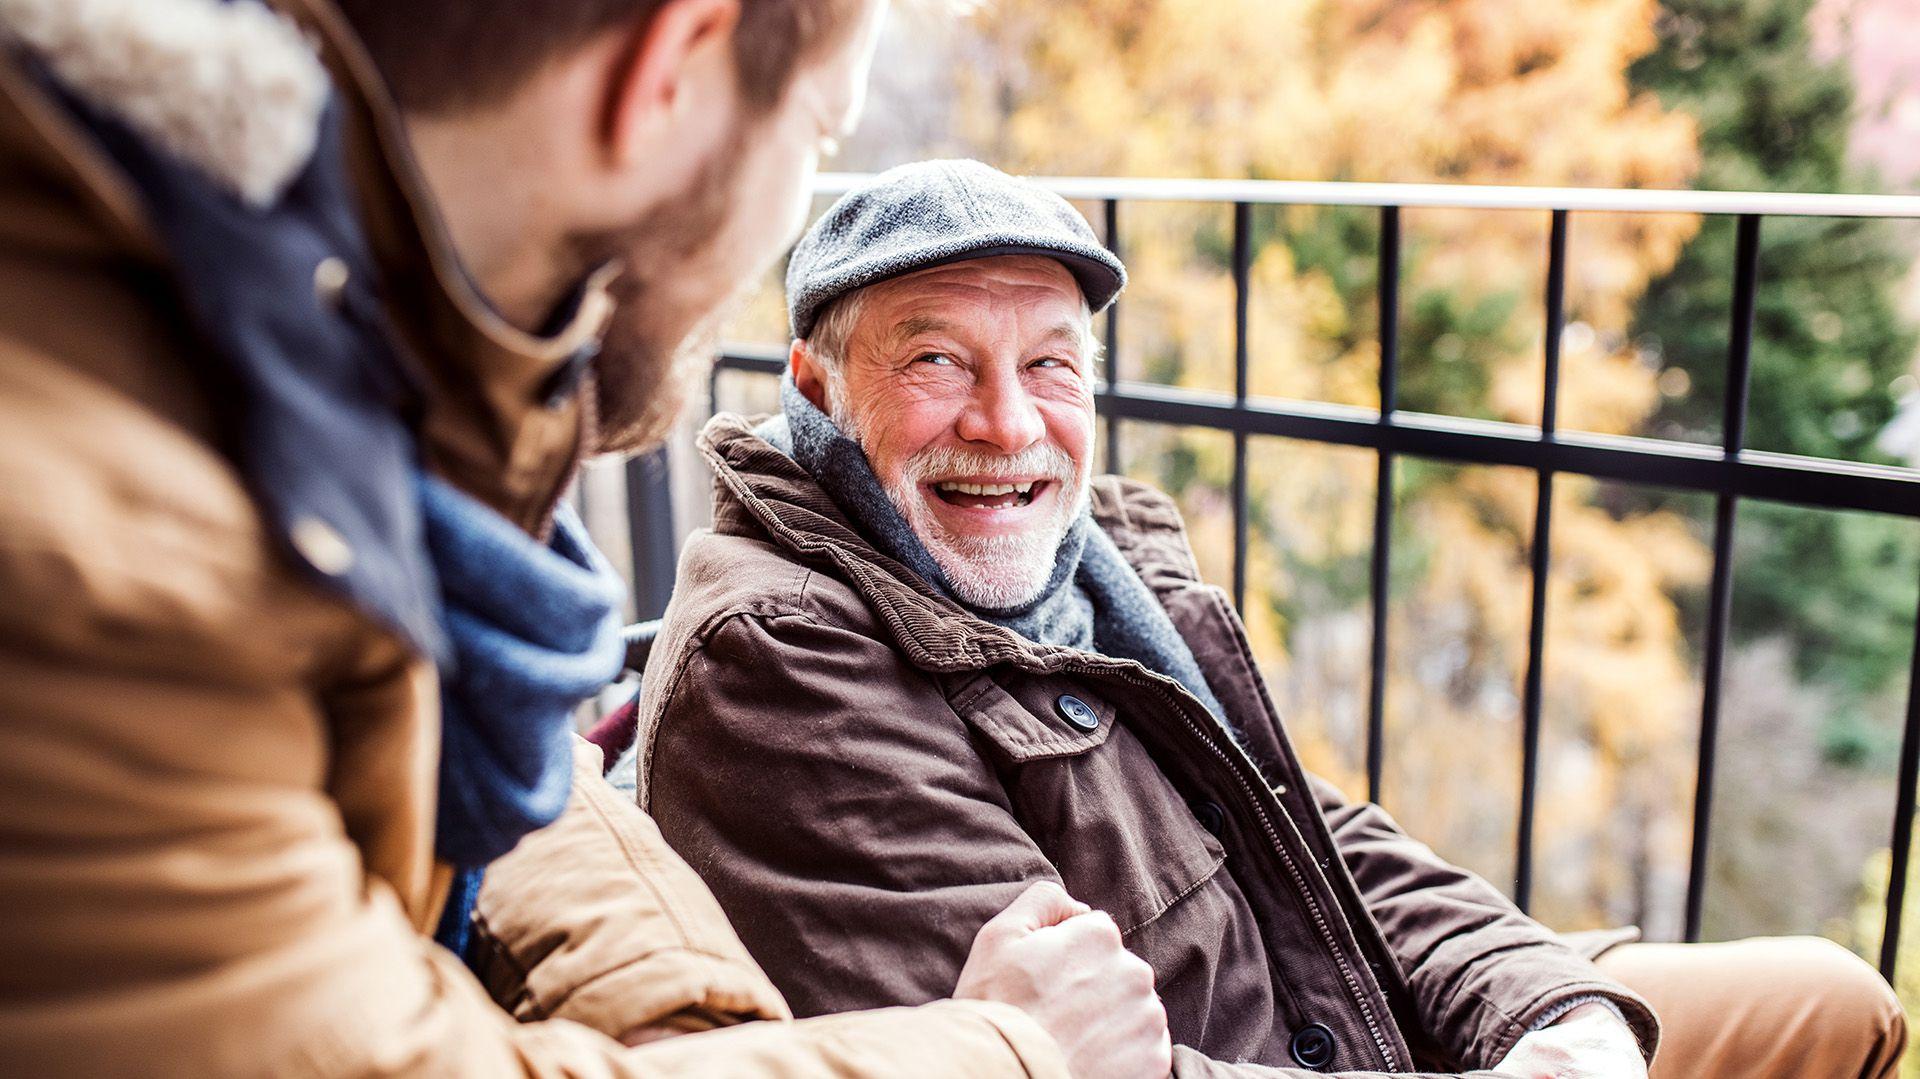 Las personasmayores se tienen que cuidar del frío para prevenir problemas de salud (Shutterstock.com)